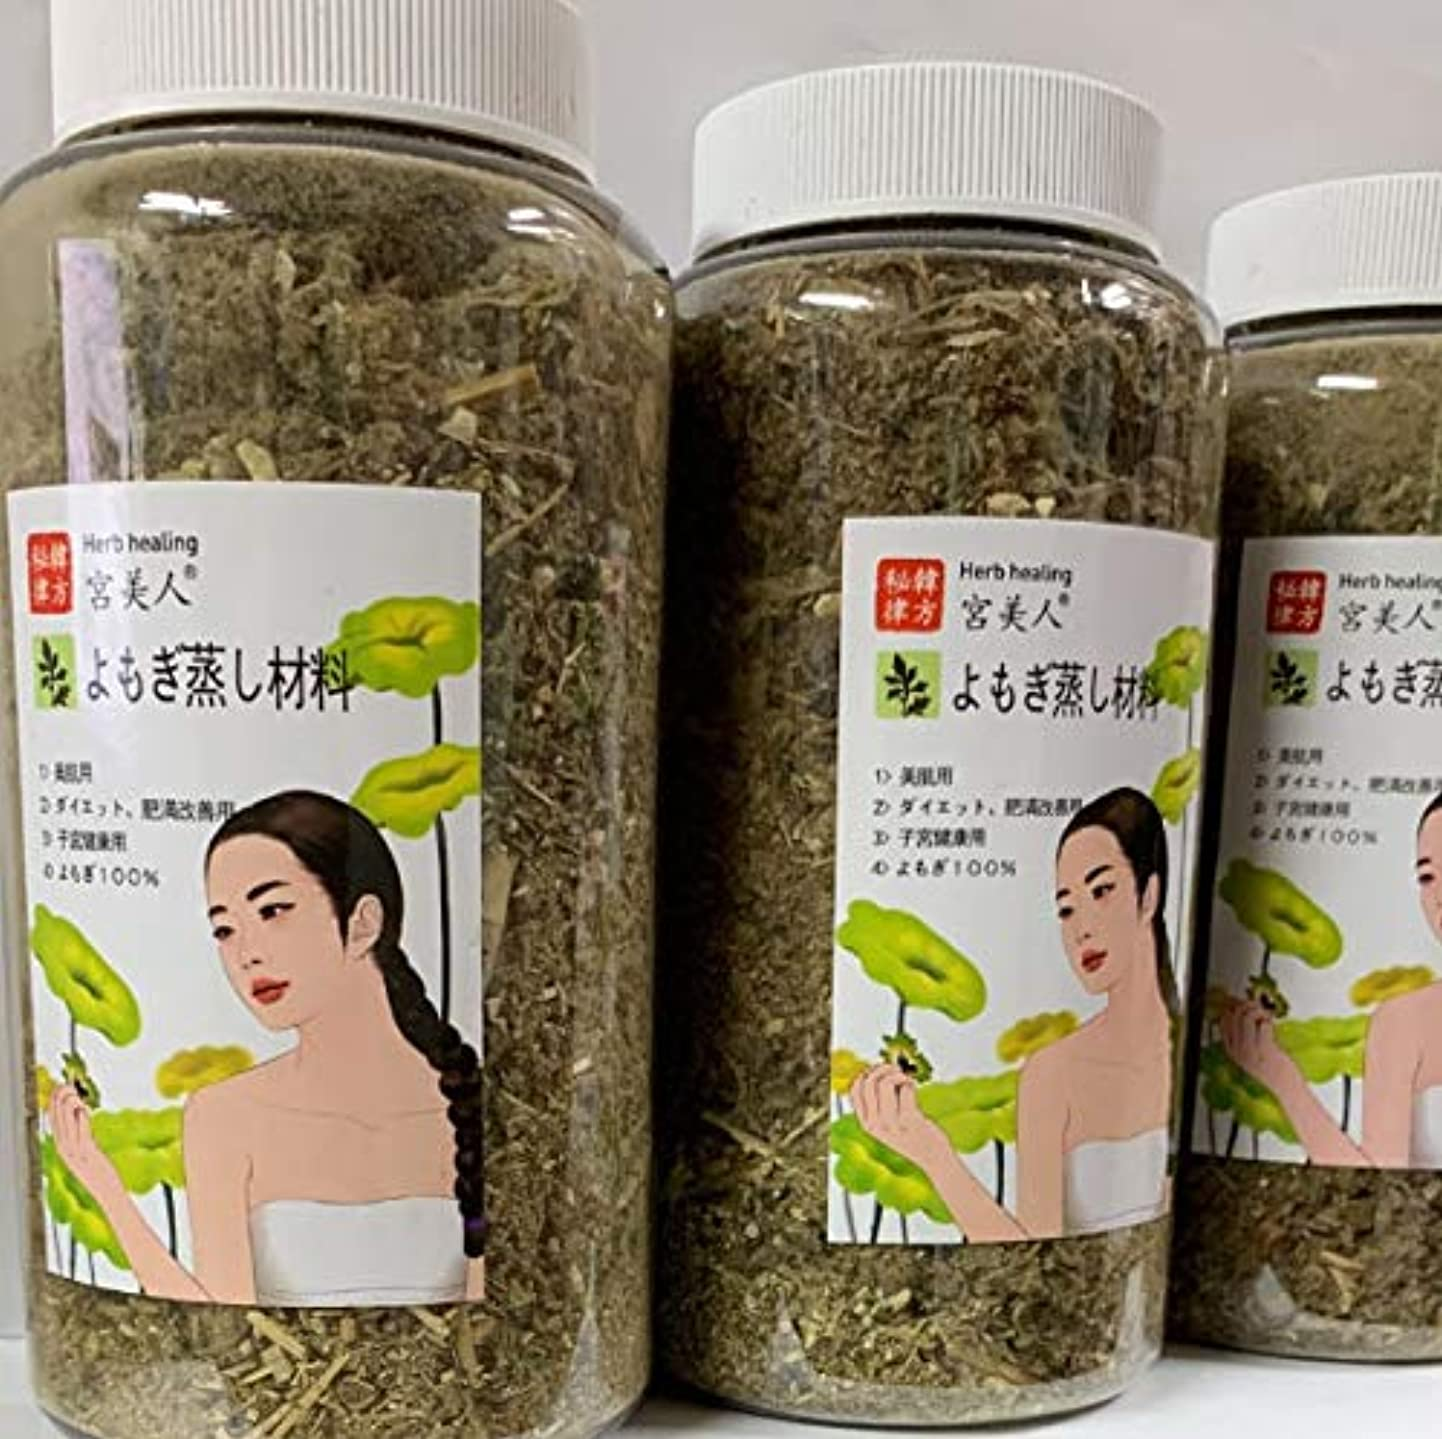 ライム補充悩む不純物が多く出る、ヨモギ蒸し材料もぎ材料230グラム、一個、肥満改善用